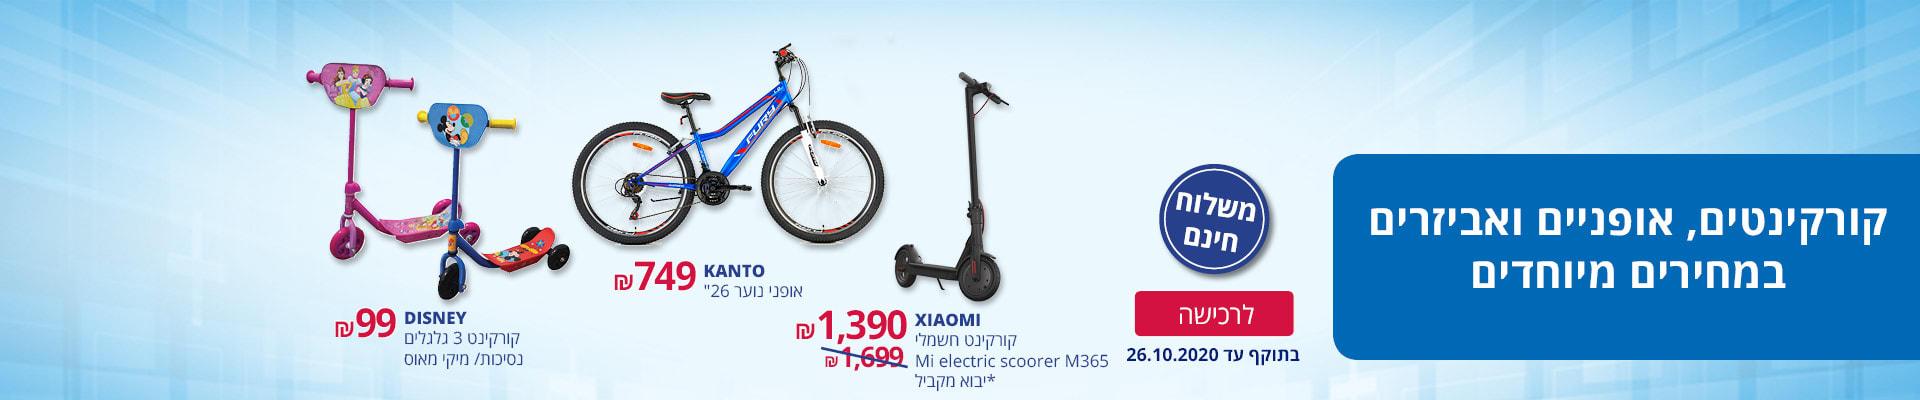 """קורקינטים, אופניים ואביזרים במחירים מיוחדים ומשלוח חינם: קורקינט חשמלי Mi electric scoorer M365 XIAOMI ב-1390 ₪ יבוא מקביל, קורקינט 3 גלגלים נסיכות/מיקי DISNEY ב-99 ₪, אופני הרים לנוער 26"""". כולל הרכבה KANTO ב-749 ₪. בתוקף עד 26.10.2020"""